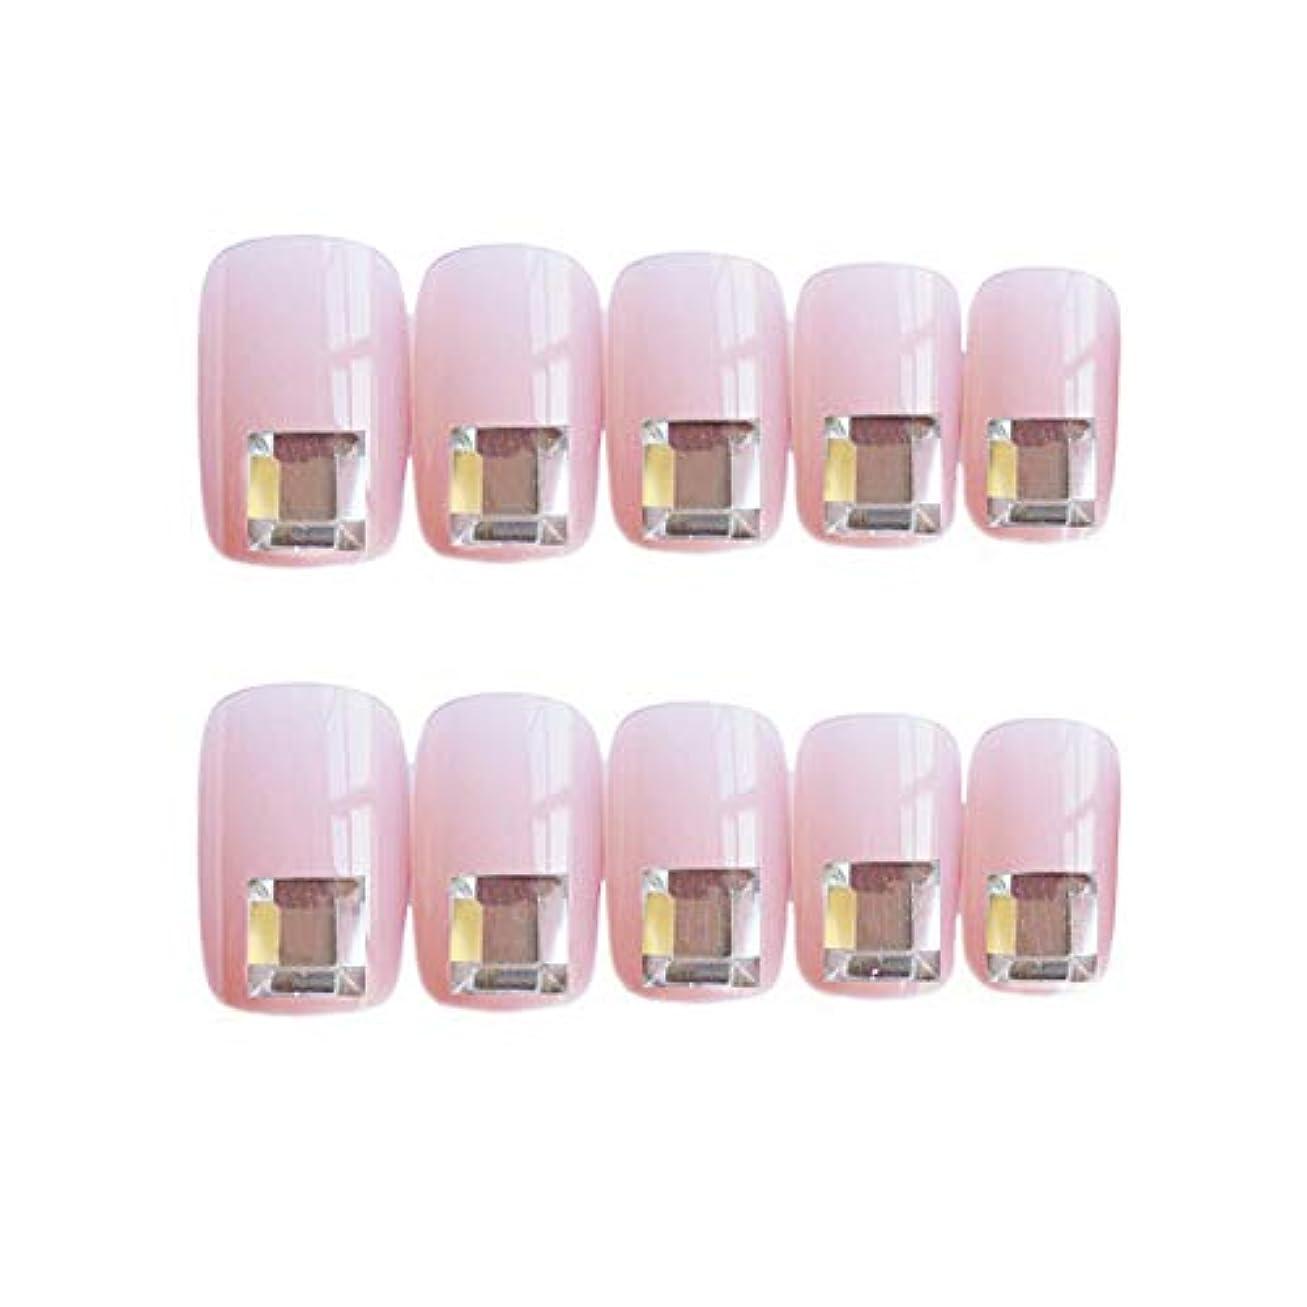 冷酷なうつ初期流行のスタイル 広場 きらめくダイヤモンド 桜の色 手作りネイルチップ 3Dネイルチップ 24枚入